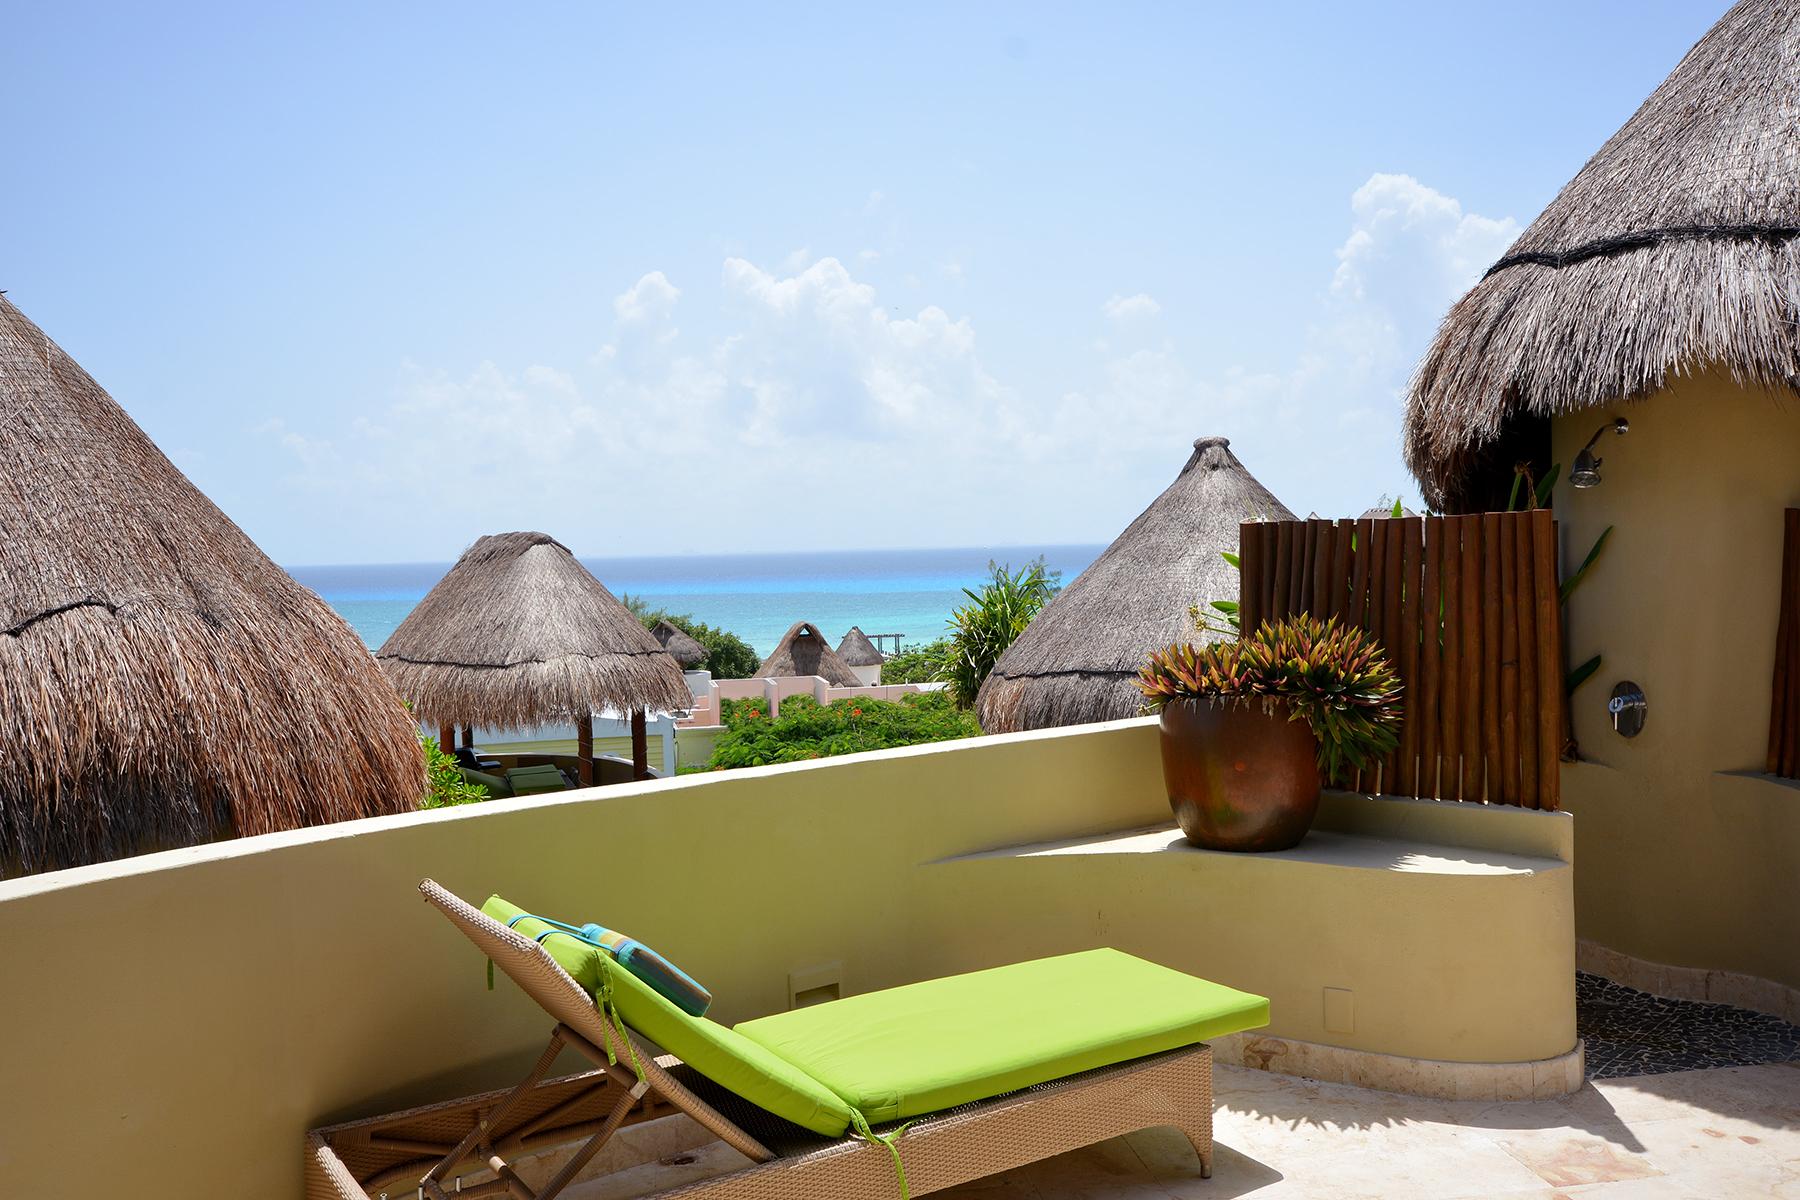 Condominium for Sale at STUNNING MAYA VILLA PH Maya Villa Condominium 1st Ave. North, between 12 North & 16 North Streets Playa Del Carmen, Quintana Roo, 77710 Mexico